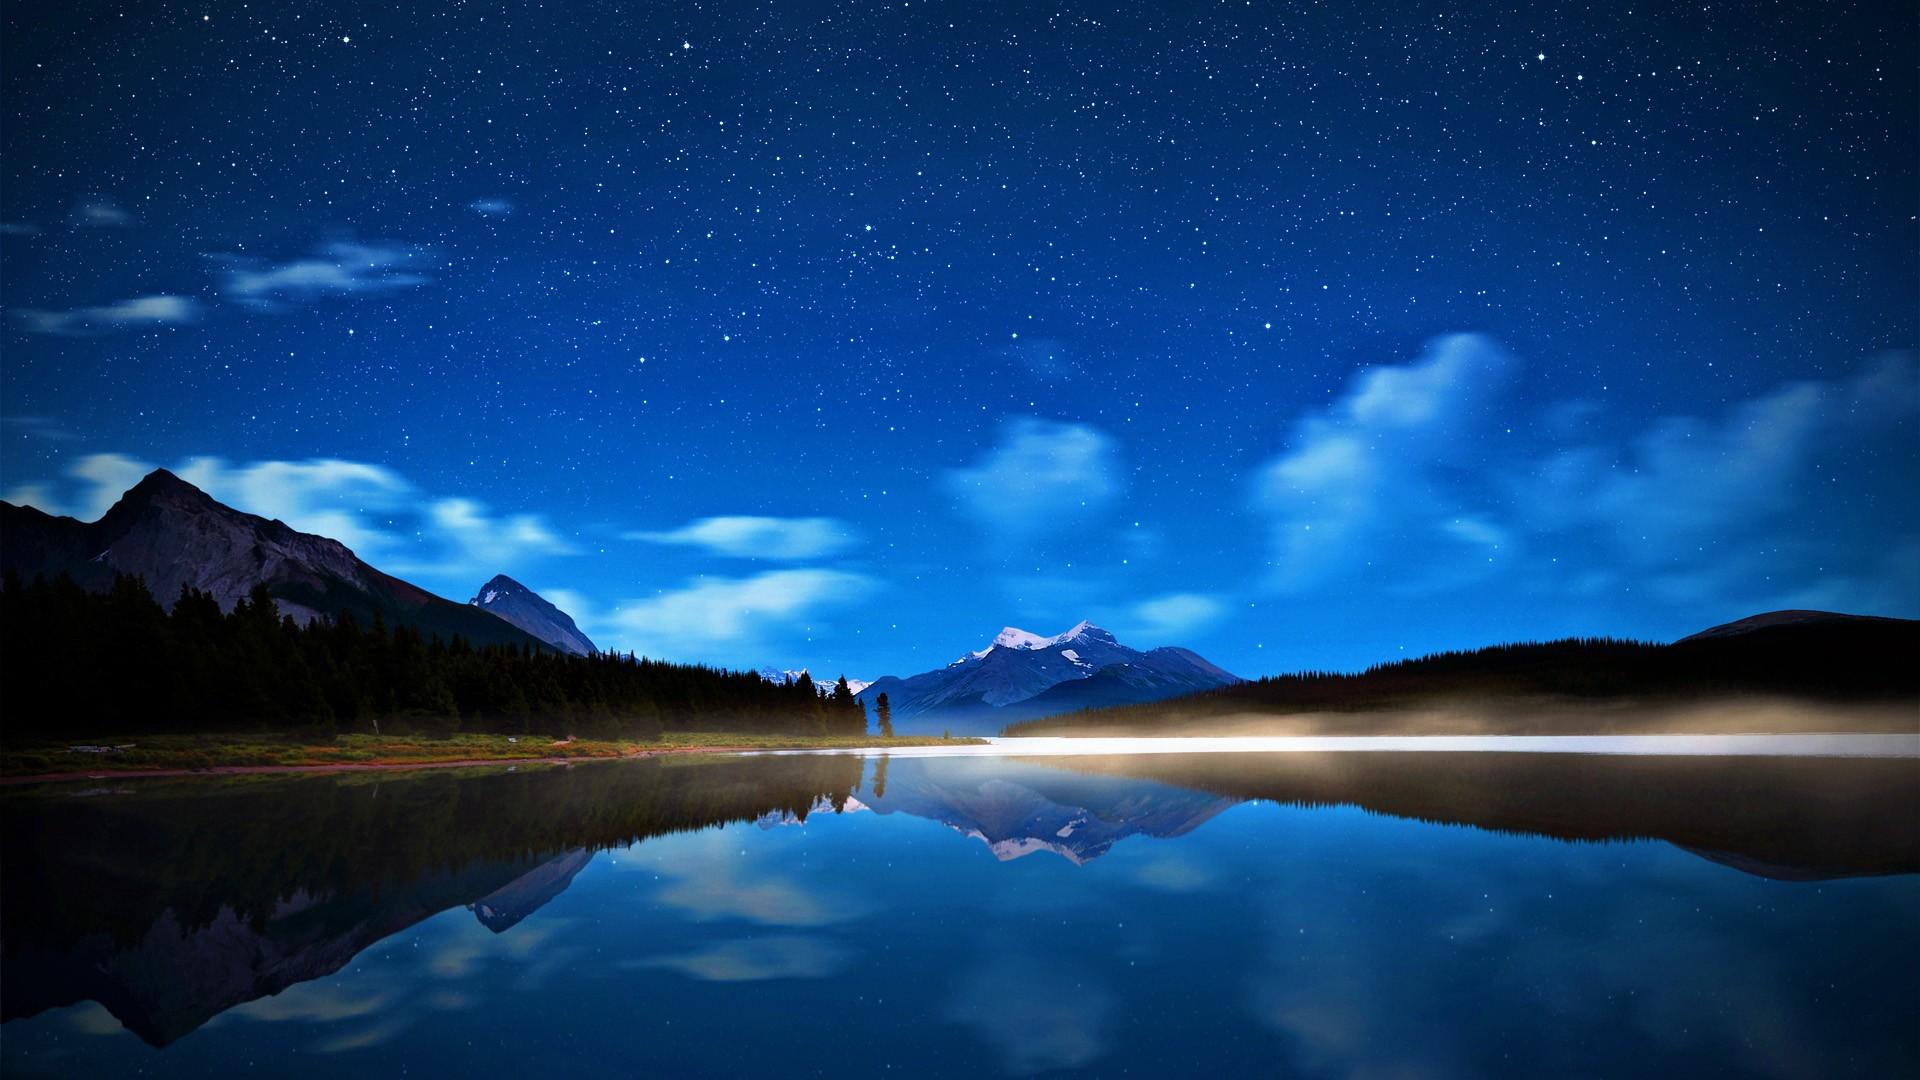 Night Sky High Resolution Backgrounds Widescreen Desktop 1920x1080